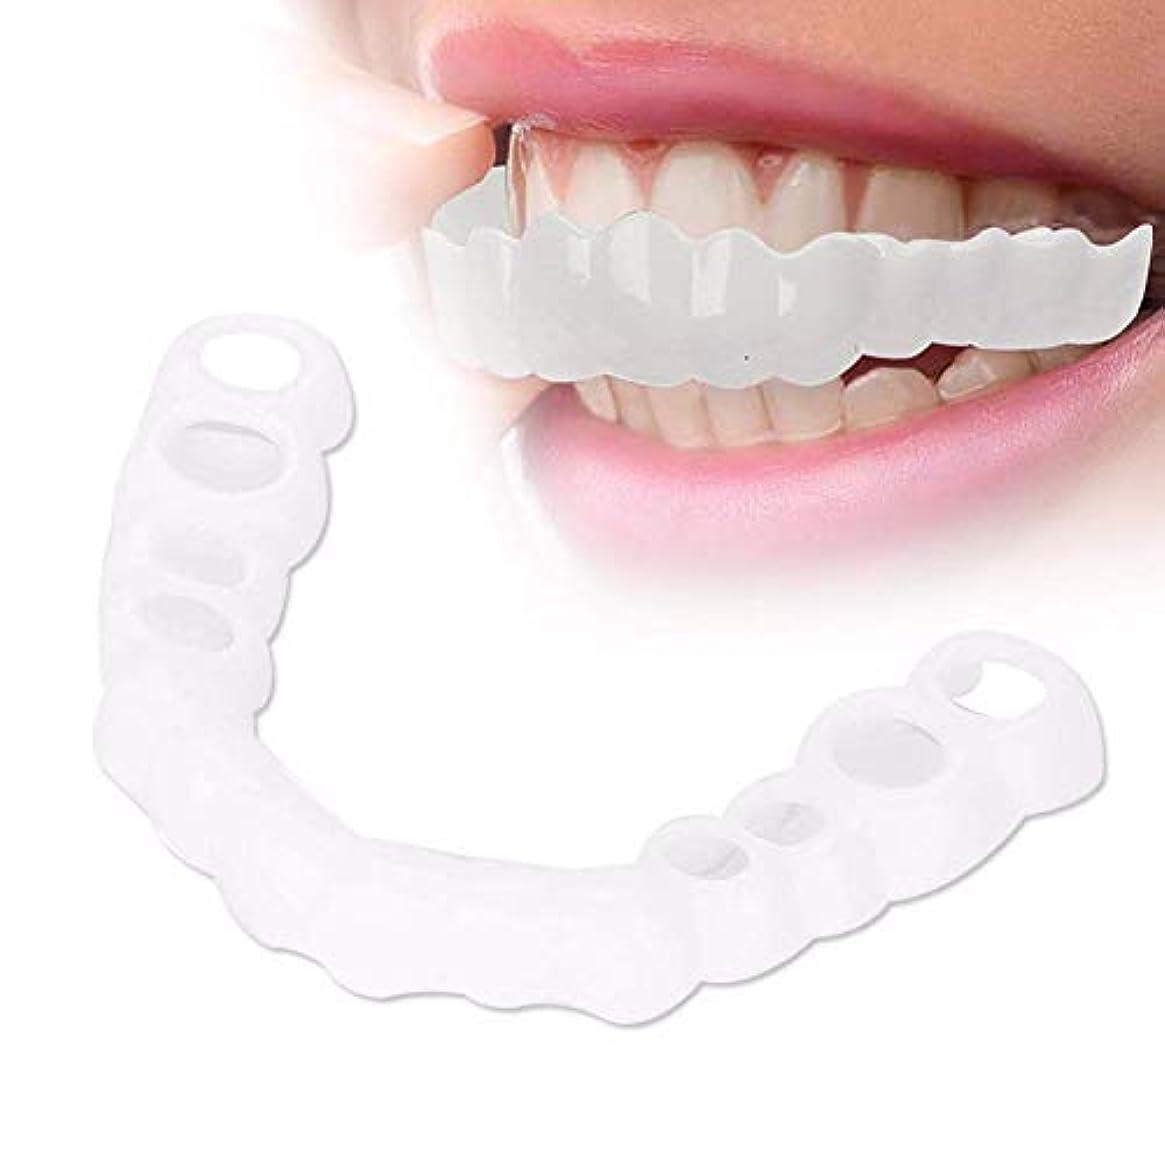 適応シミュレートする虚栄心一時的な微笑の化粧品の歯義歯のベニヤの歯の歯のベニヤ(上の歯)